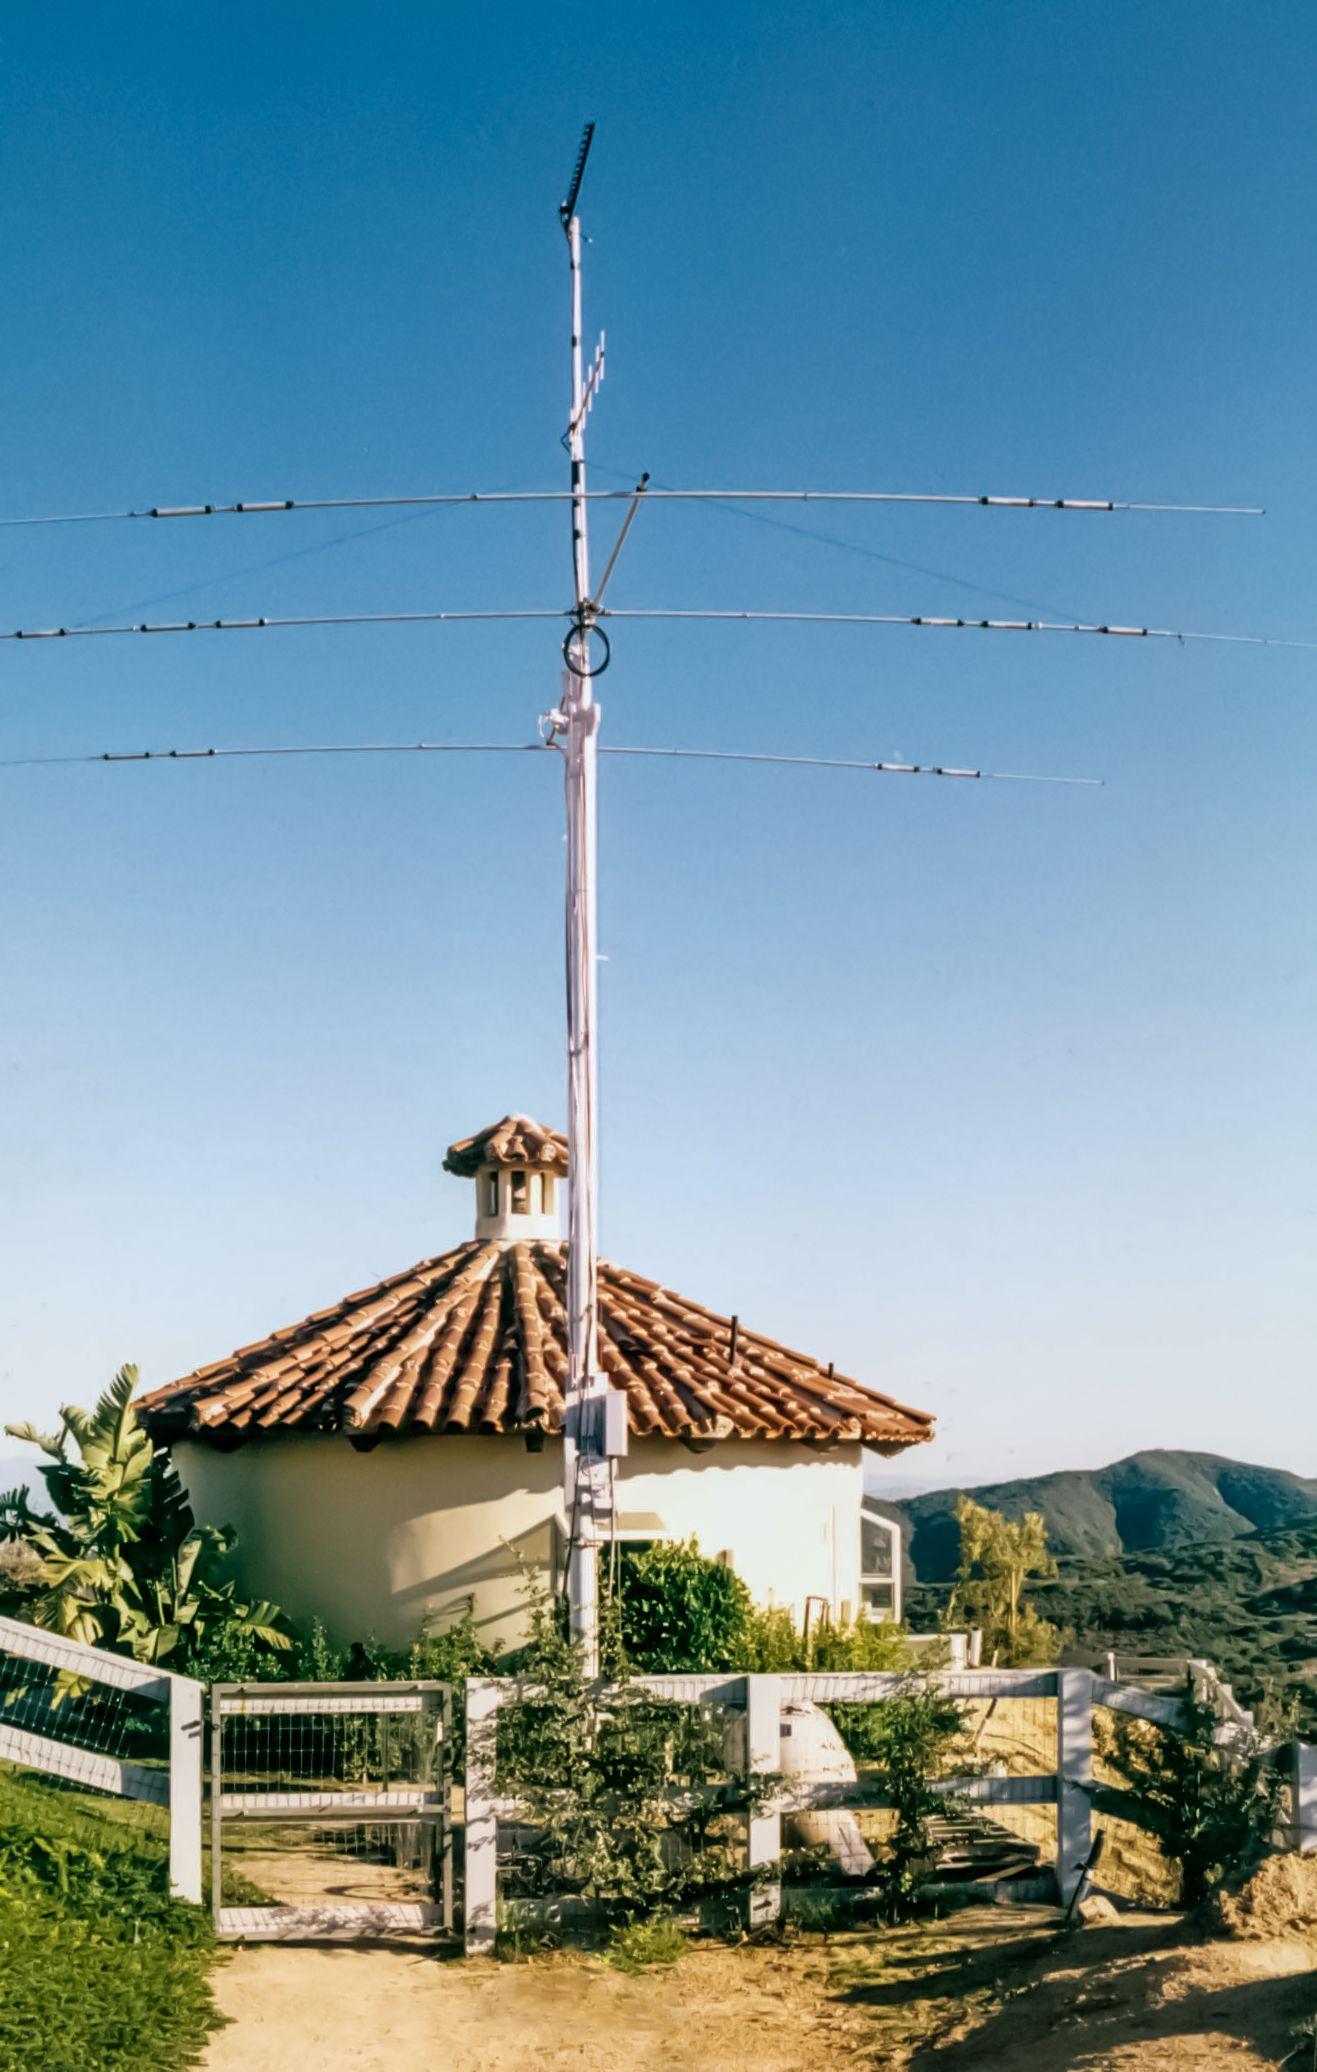 Ham Radio Mast Antenna Towers - Year of Clean Water